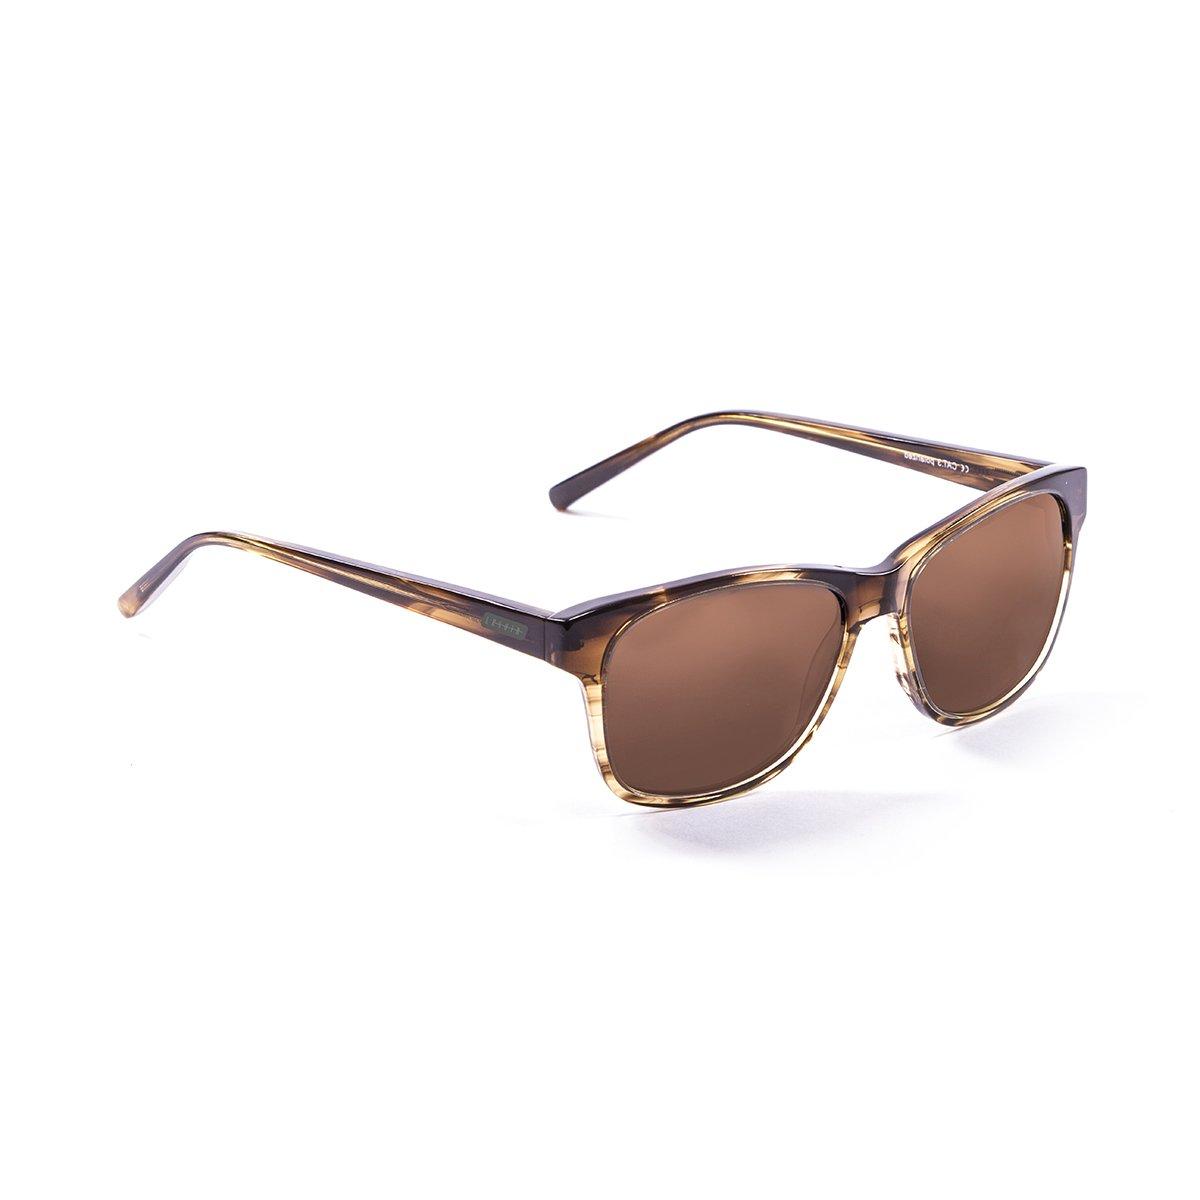 Lenoir Eyewear le19600.2t occhiale sole Unisex adulto, Marrone